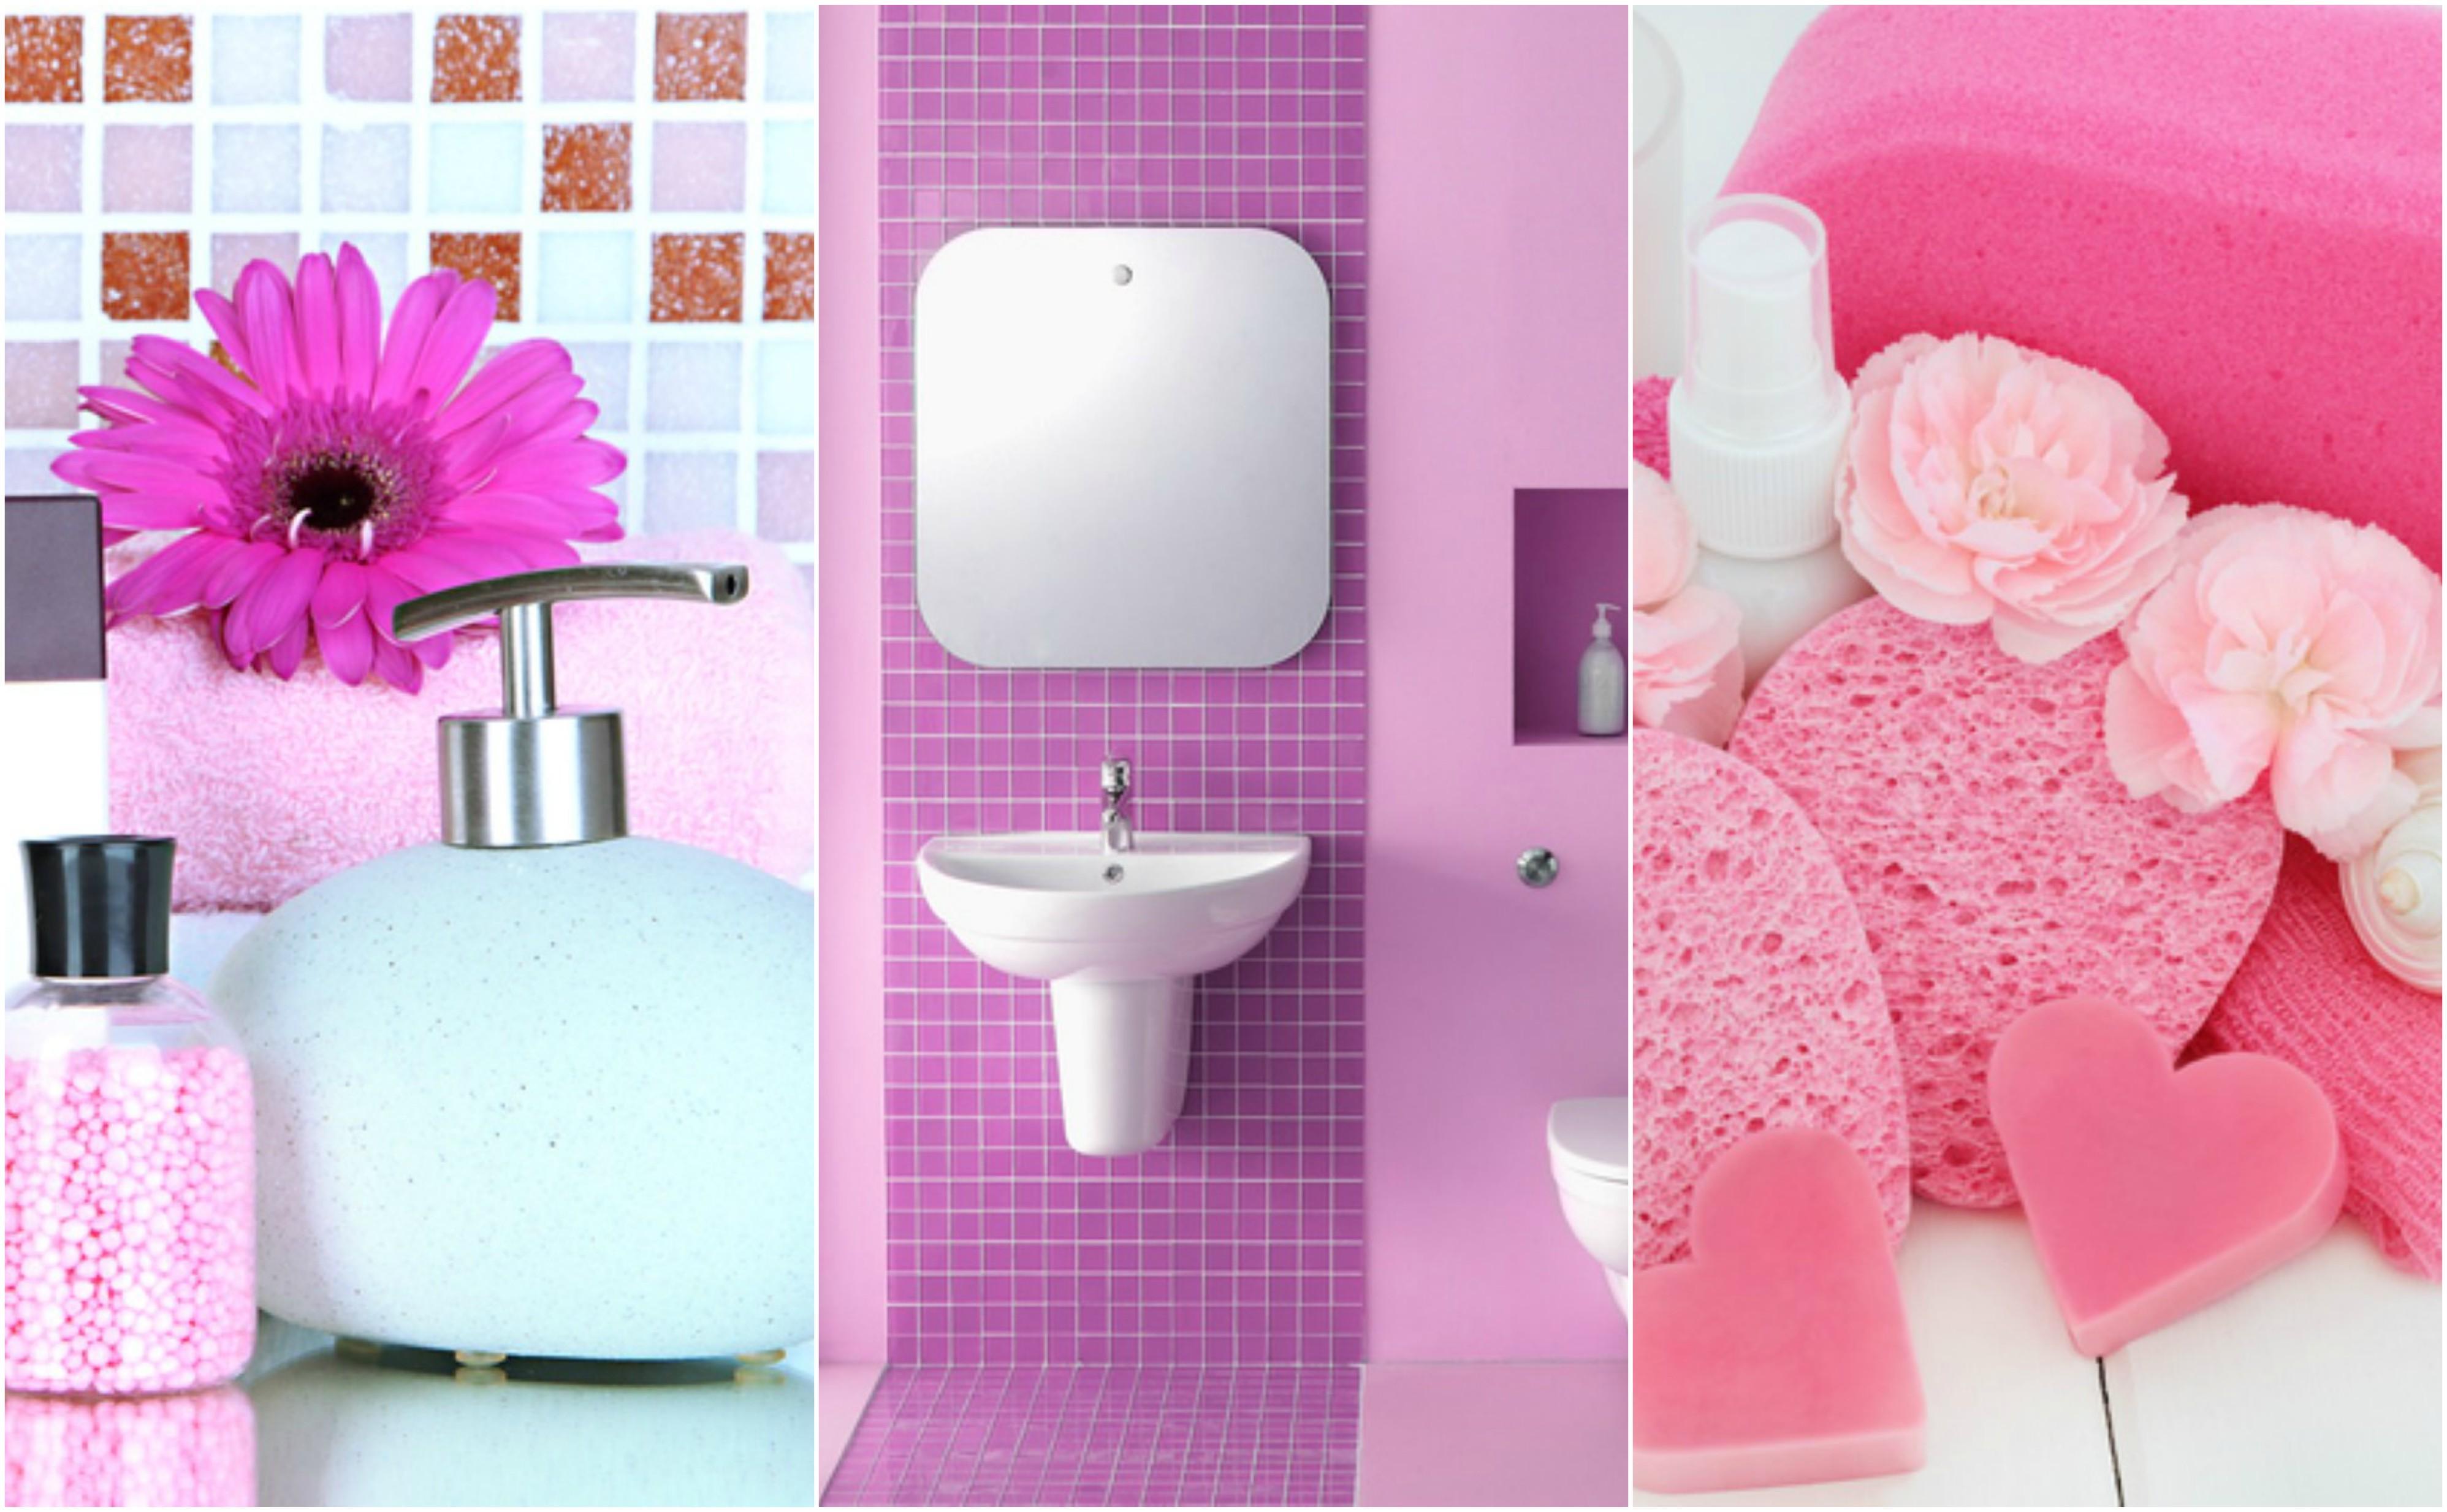 Idee Per Il Bagno : Dieci idee per il bagno di primavera tgcom